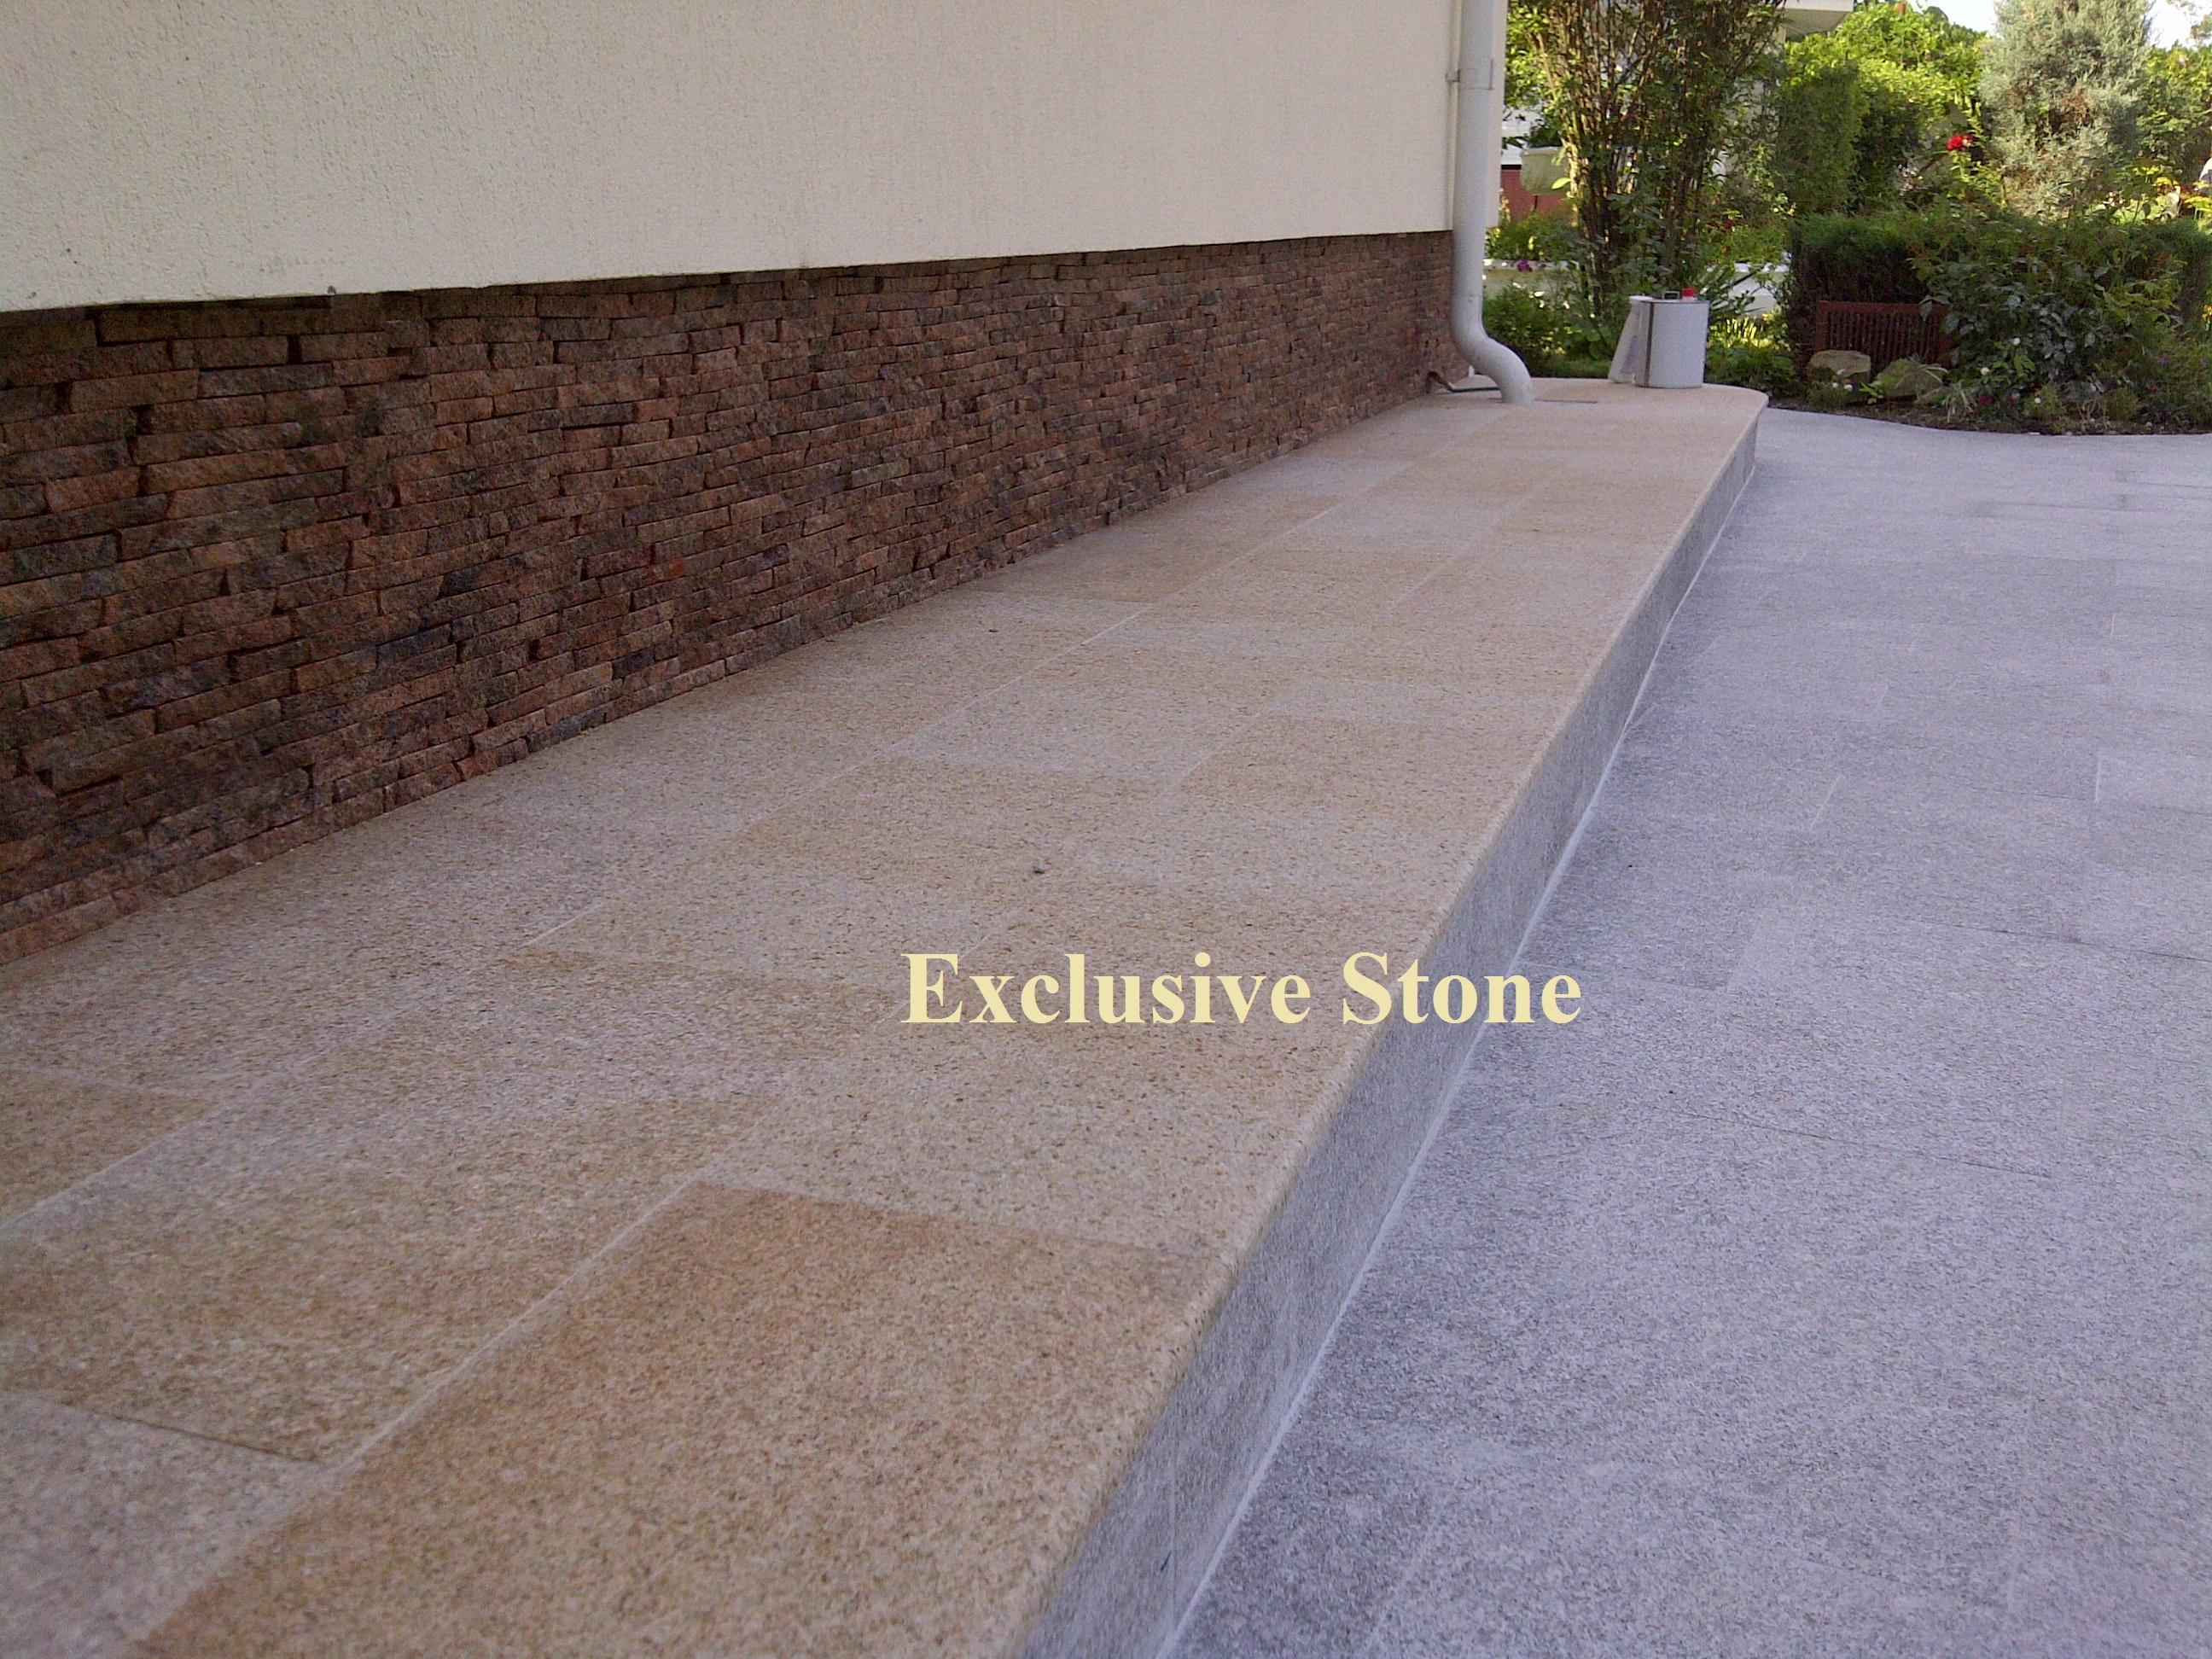 Placare alee cu Granit Desertus Fiamat ,New Cristal Fiamat si soclu din Straifuri de granit Maple Red Fiamat